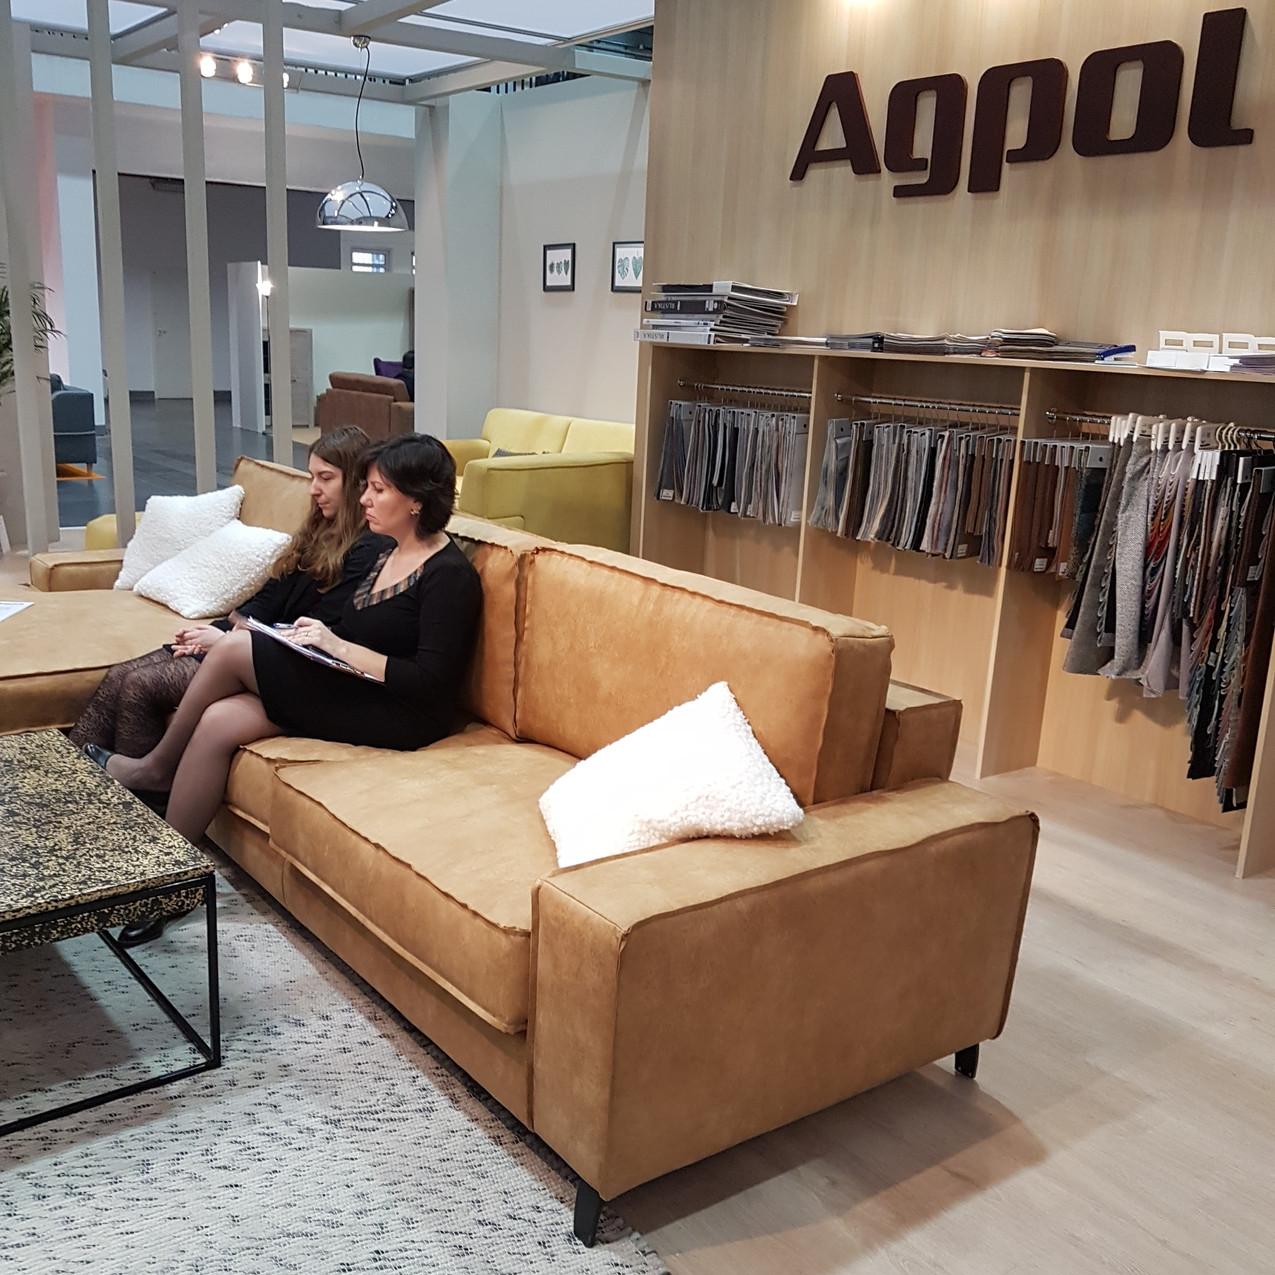 agpol4